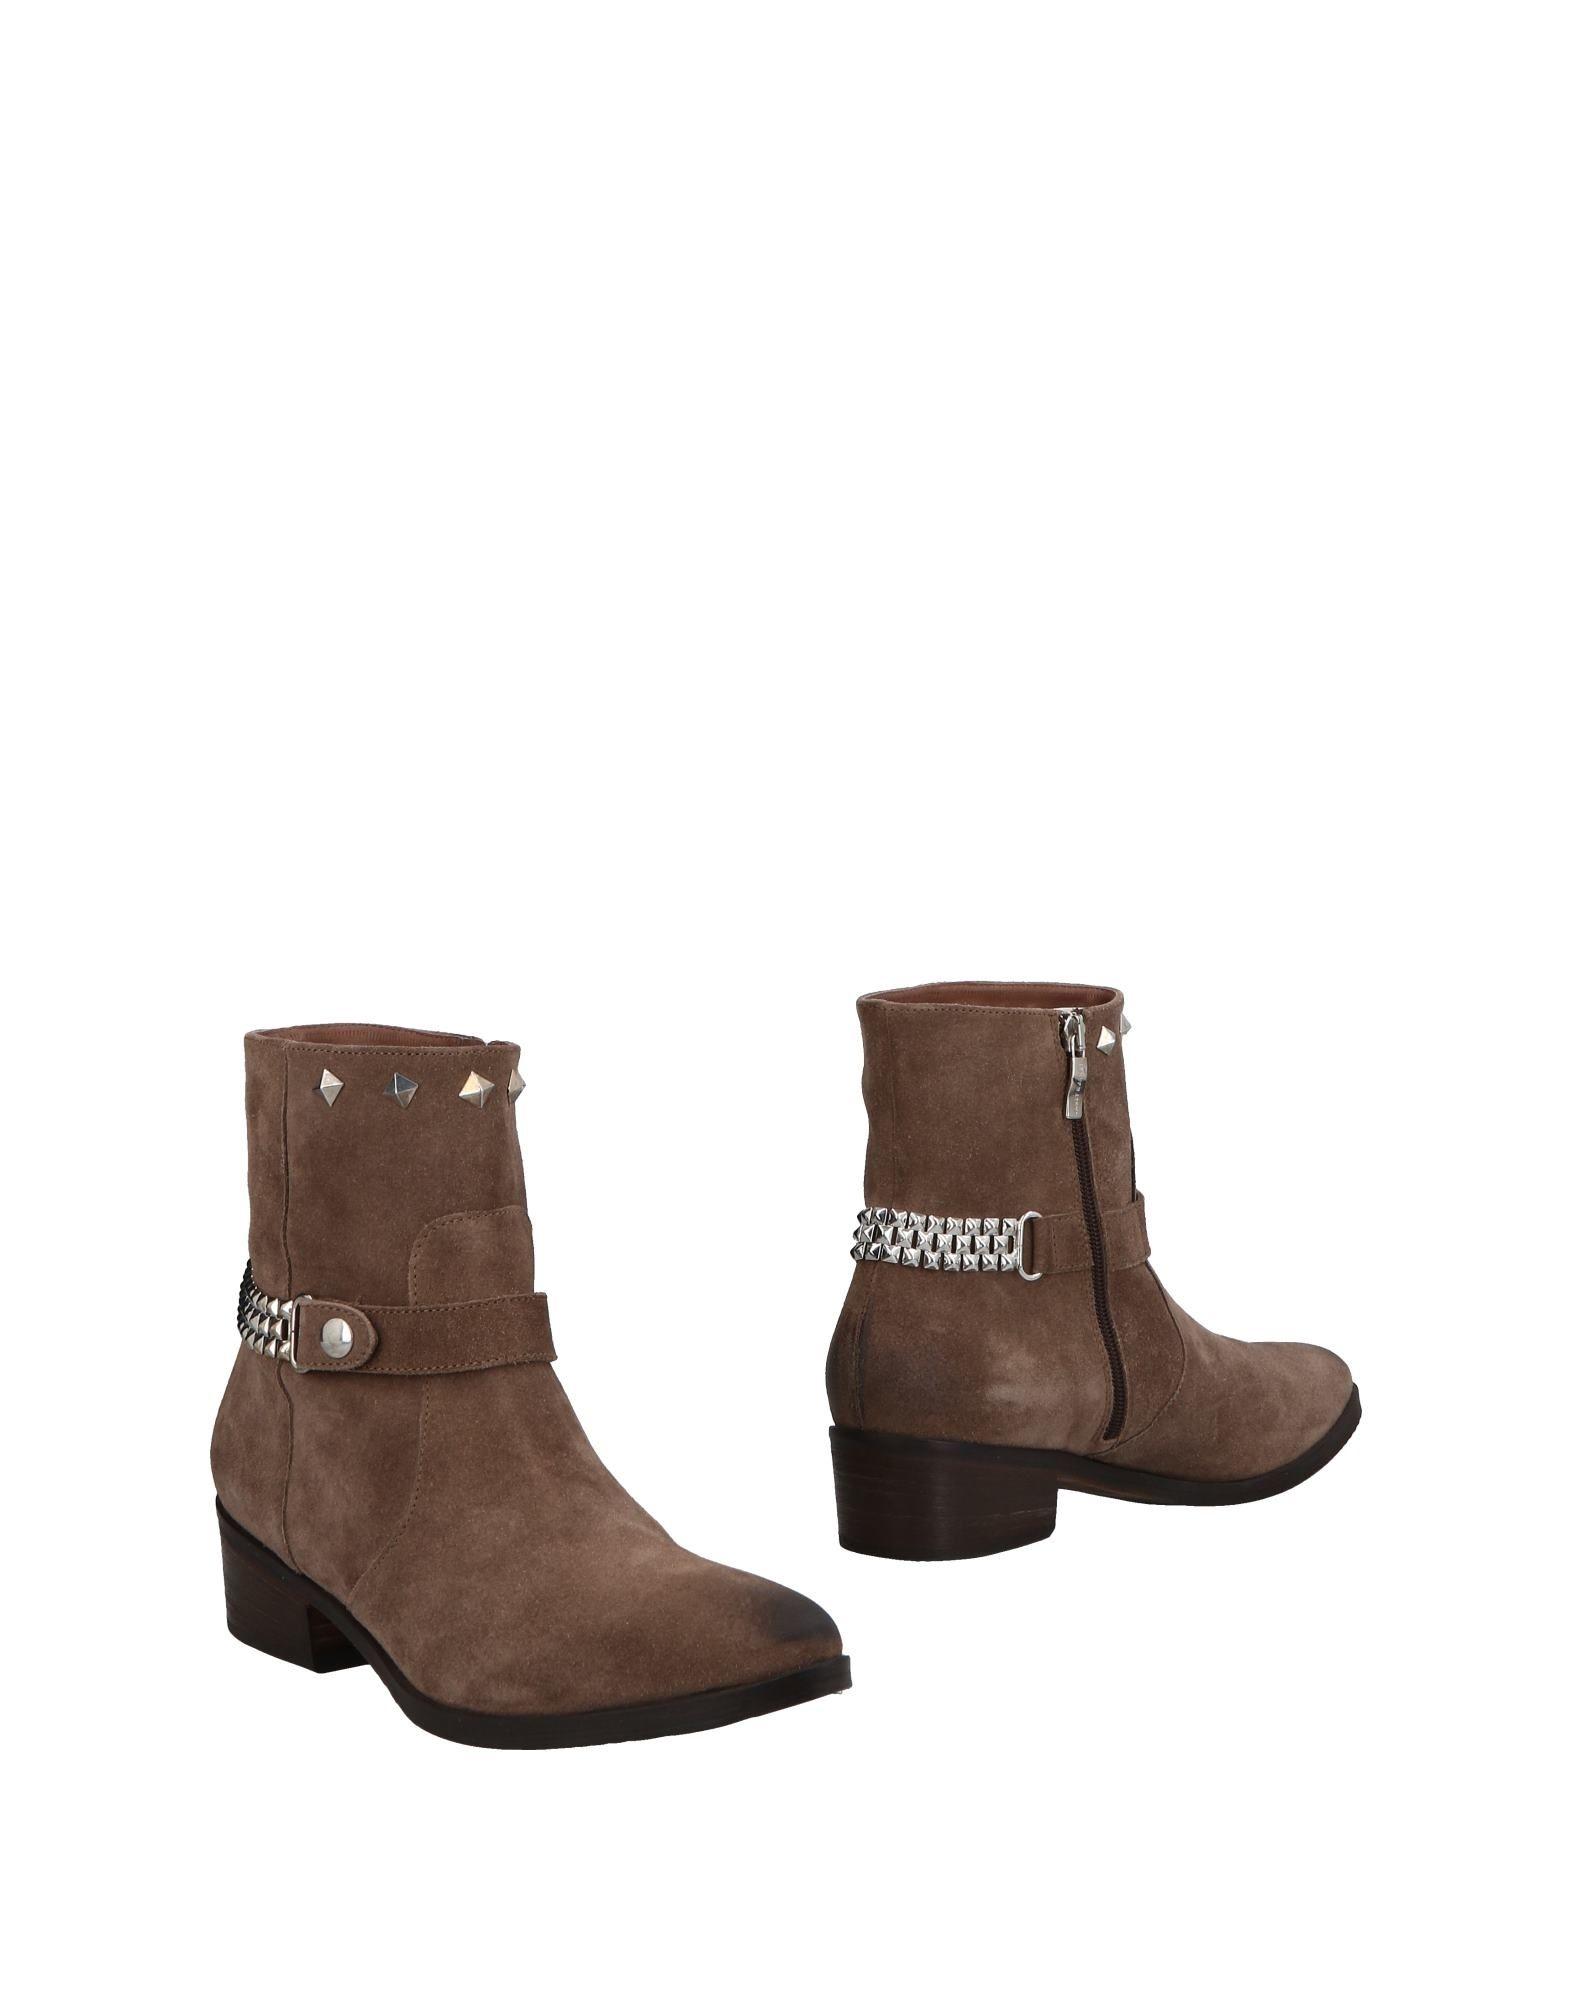 Gut Janet um billige Schuhe zu tragenJanet & Janet Gut Stiefelette Damen  11503362HB 61653a